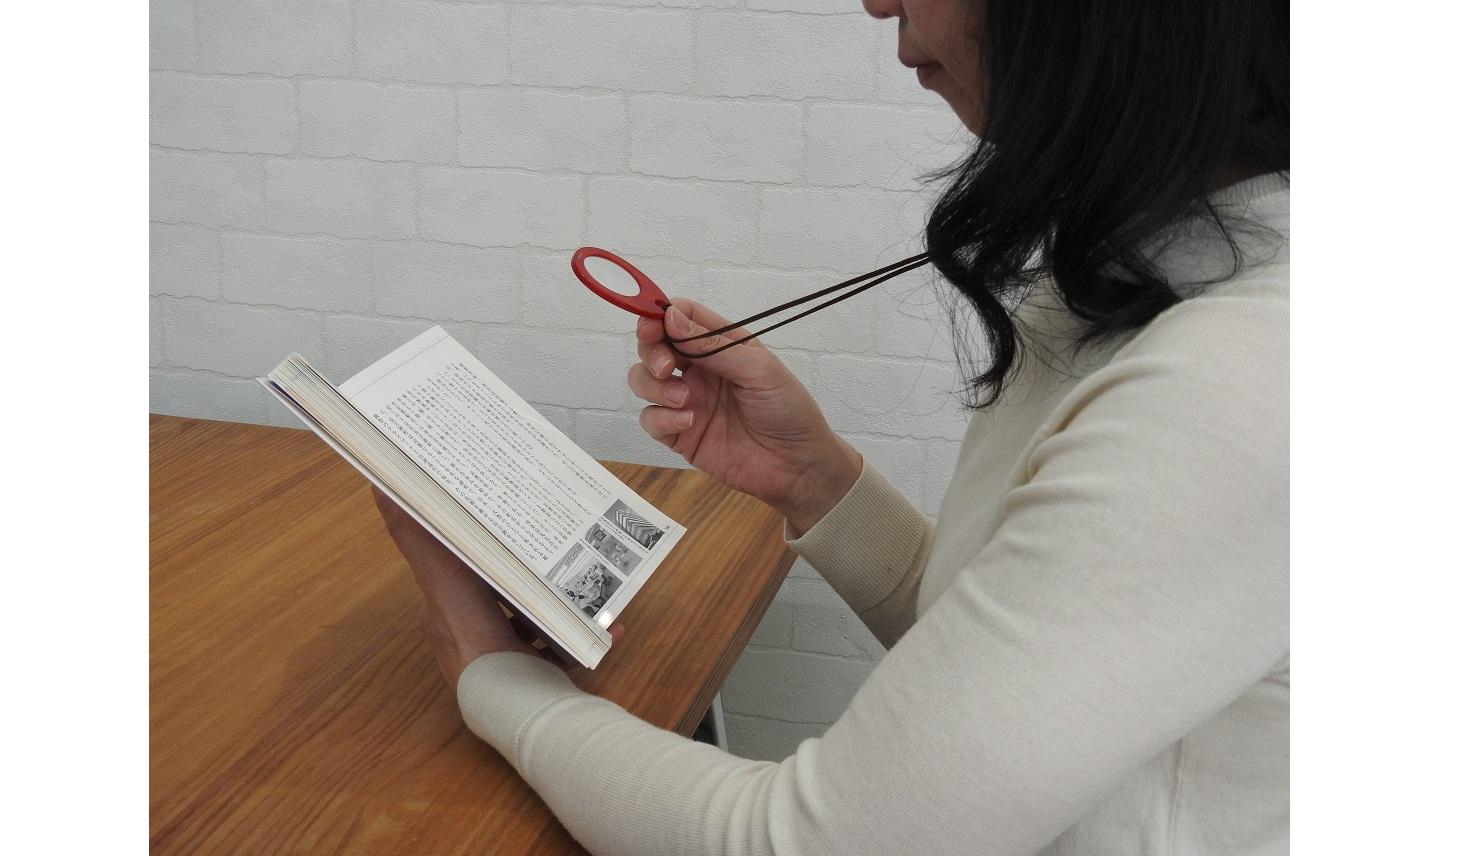 ルーペを使って本を読む女性